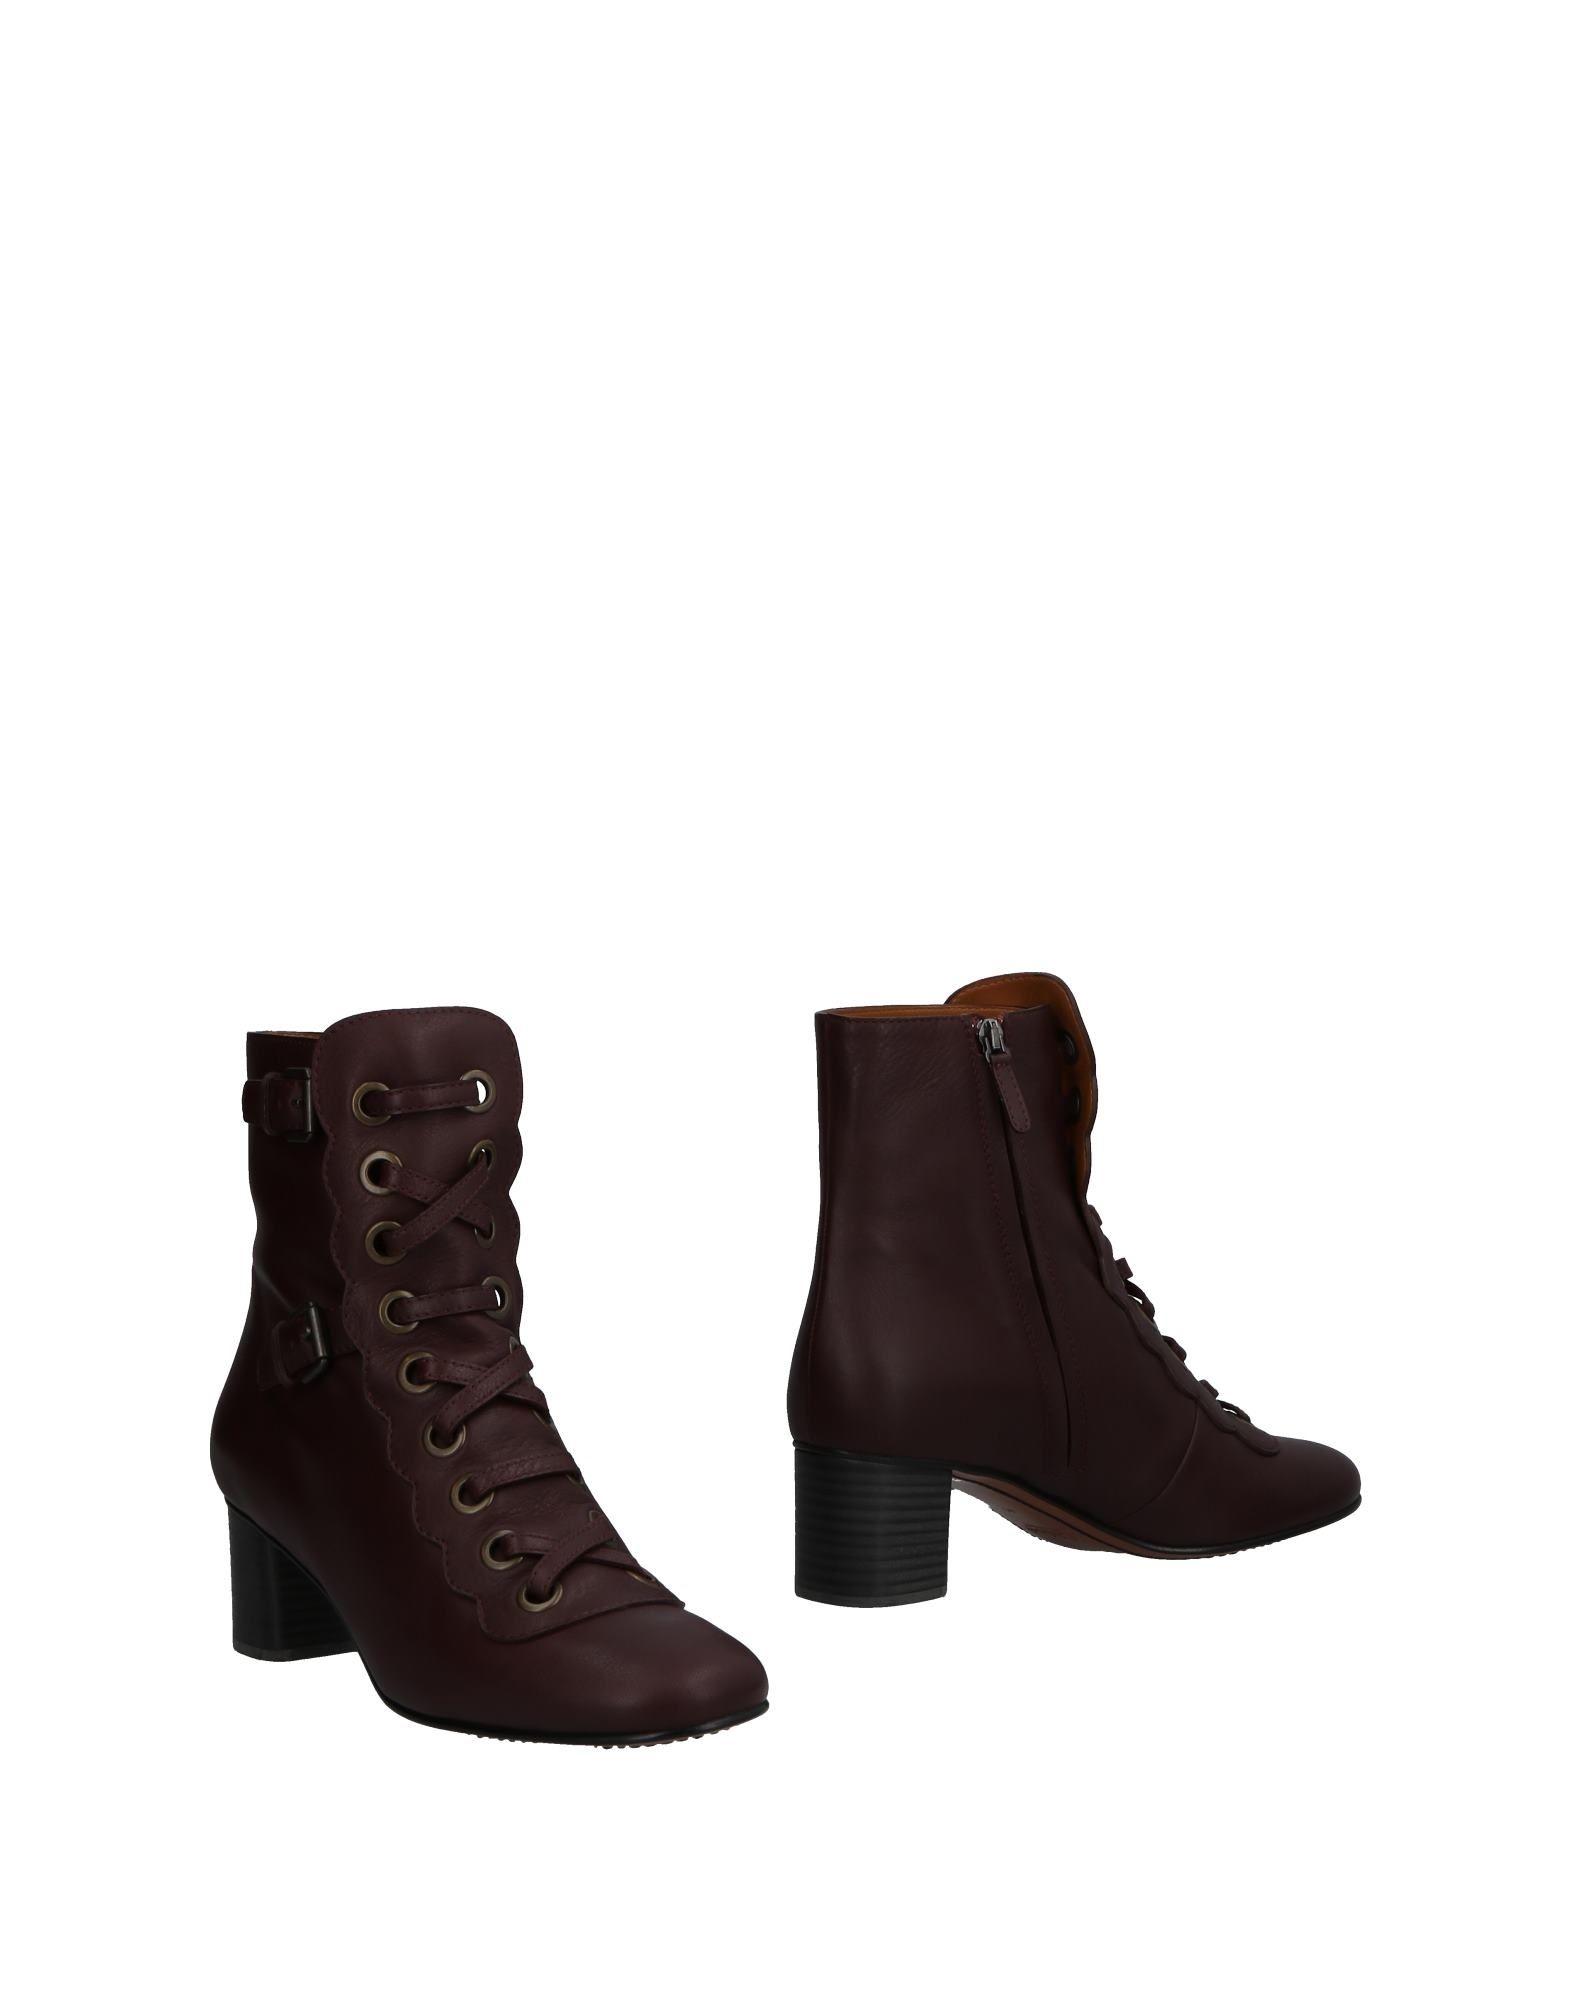 Haltbare Mode billige Schuhe Chloé Stiefelette Damen  11500941UQ Heiße Schuhe